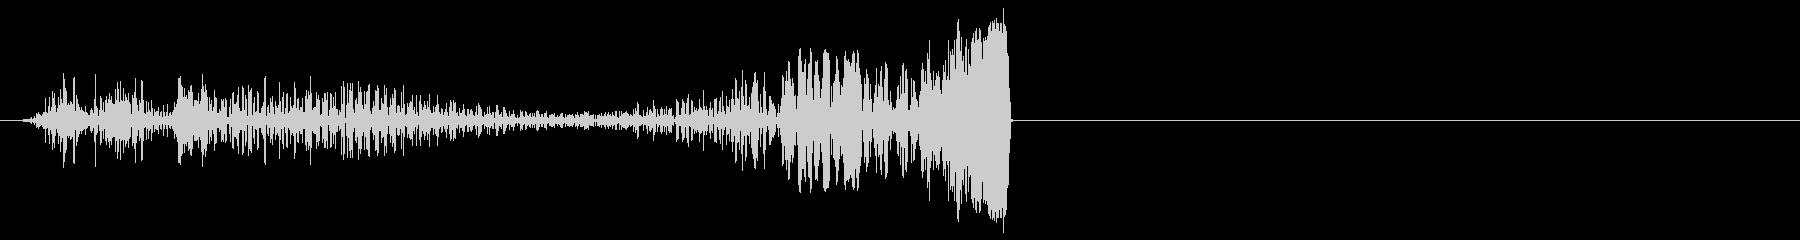 ワイルドエレクトロザップウーシュ1の未再生の波形